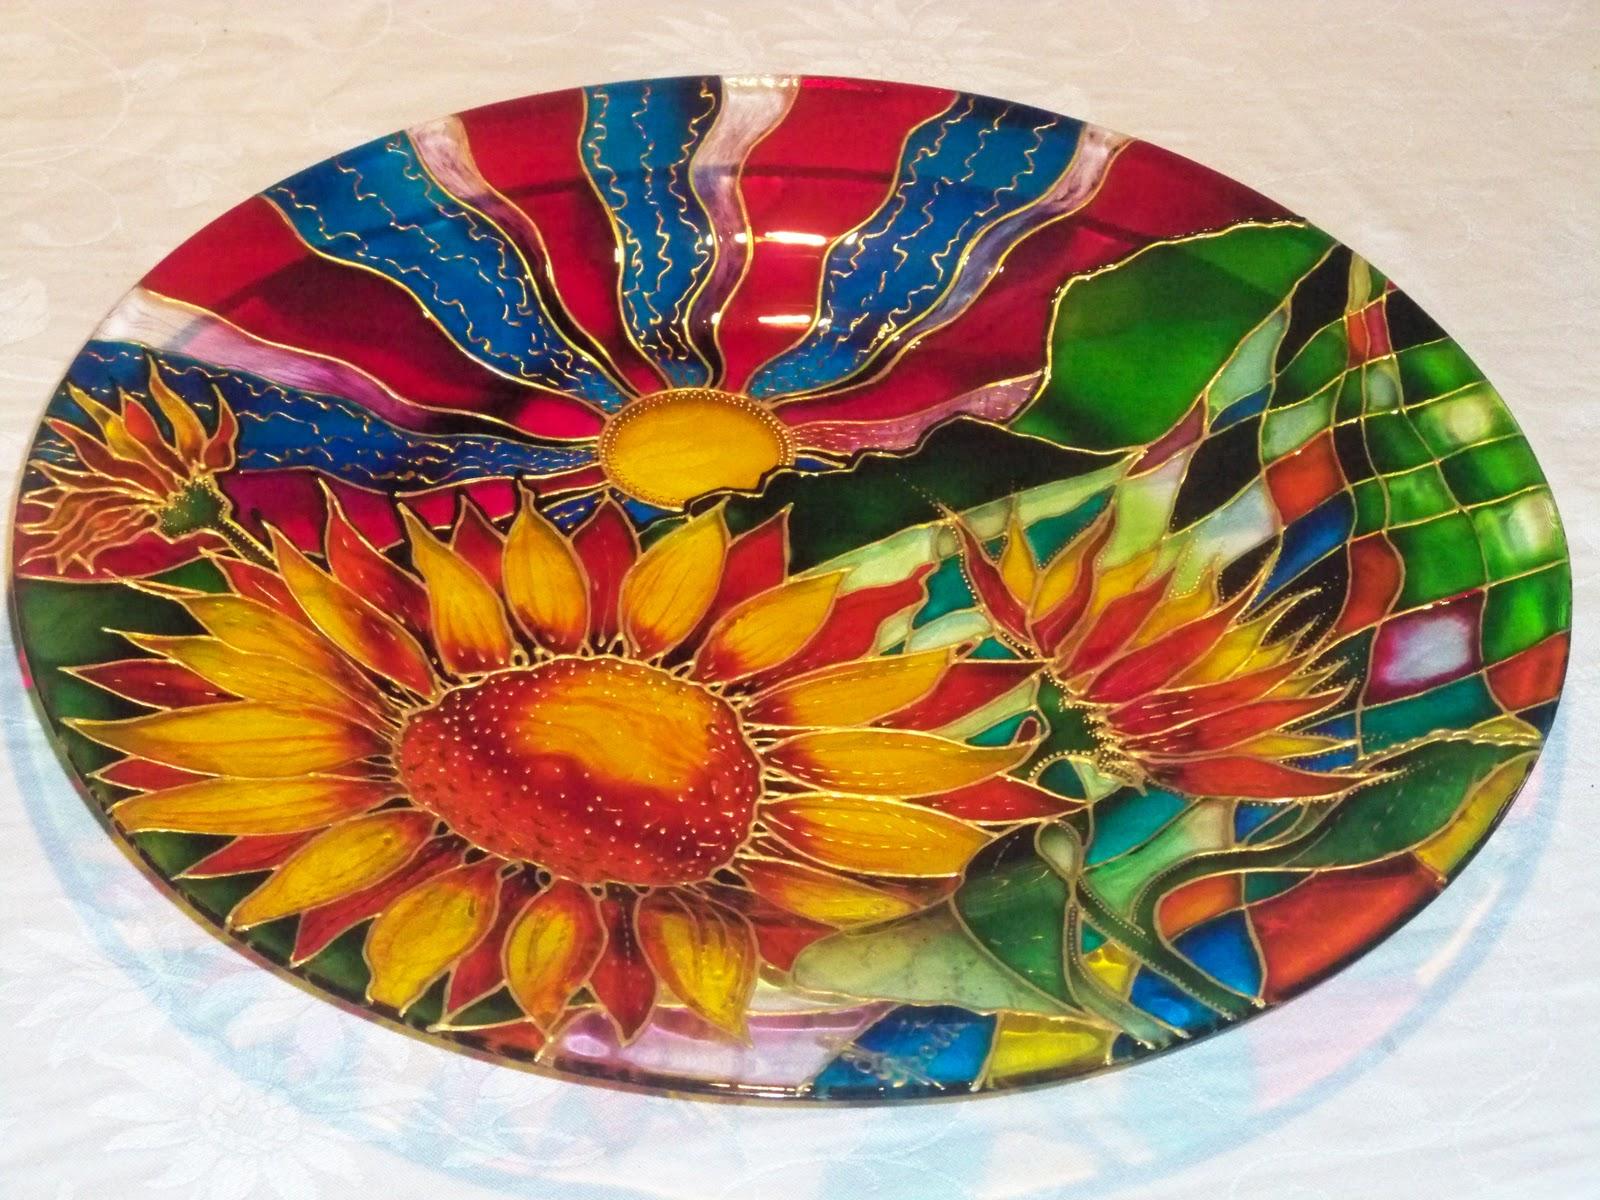 Фото тарелки с росписью